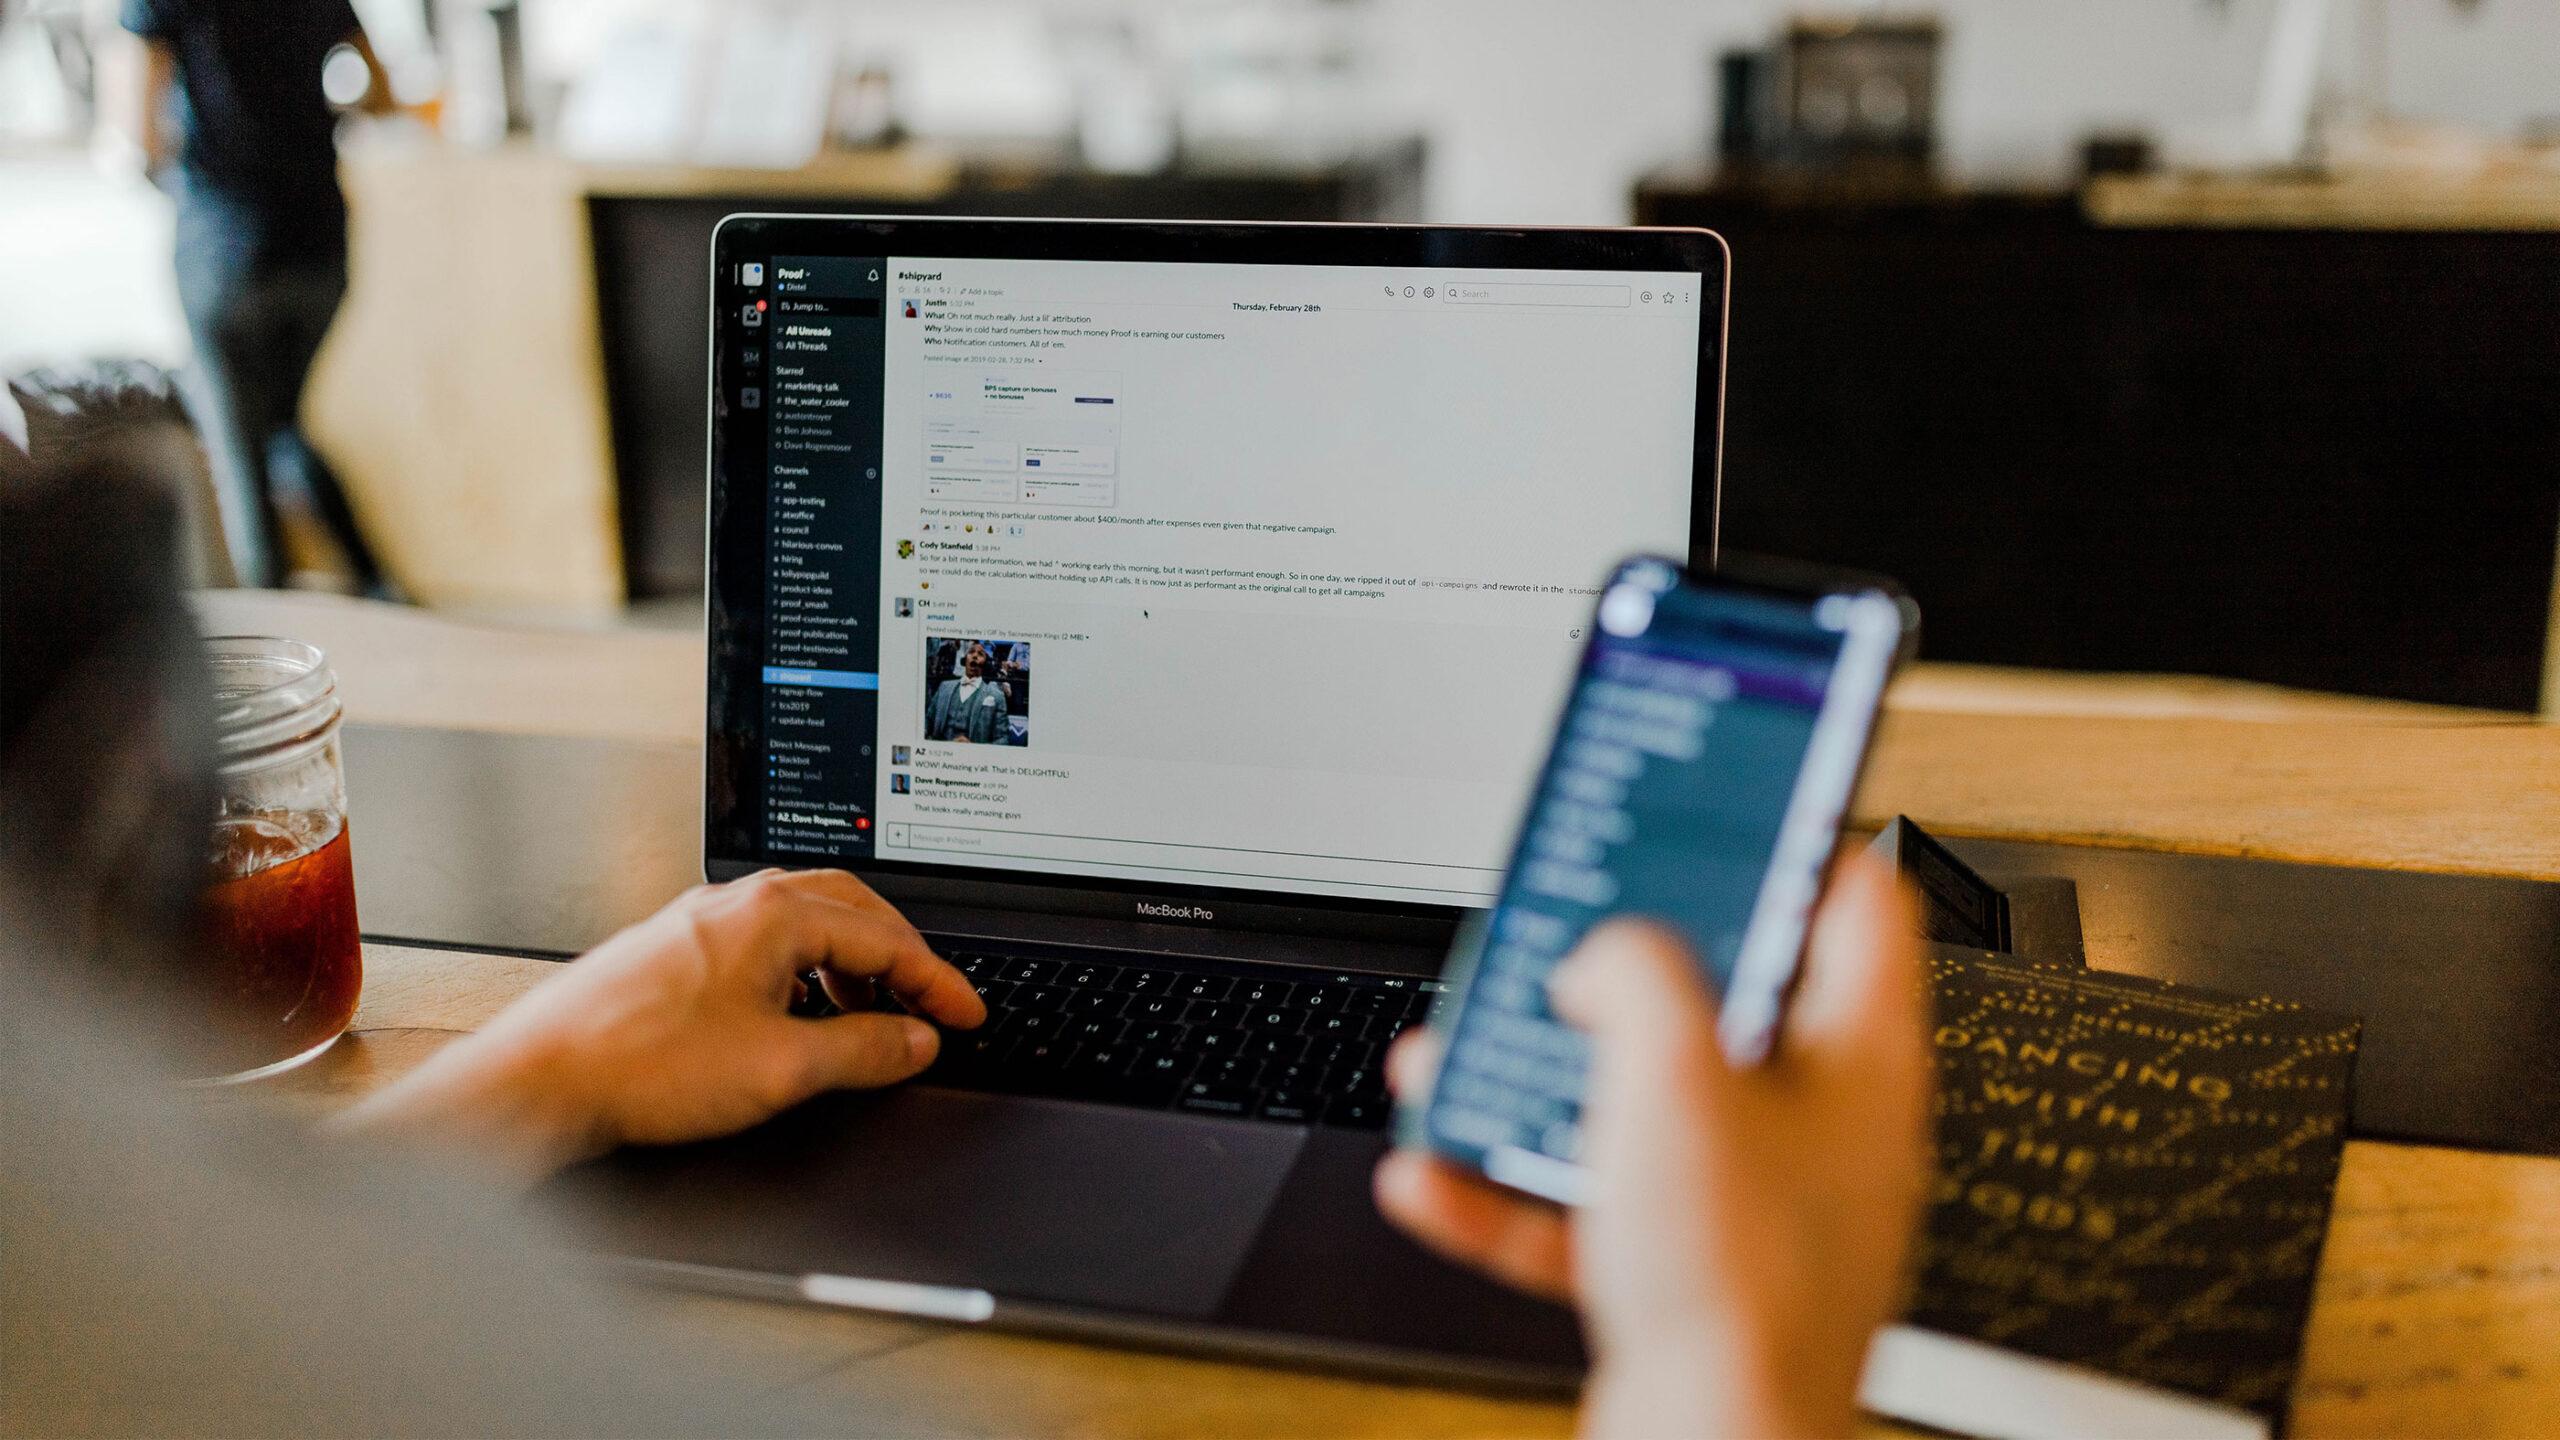 app-utvikling programmerer jobb lonn jobbmuligheter yrke